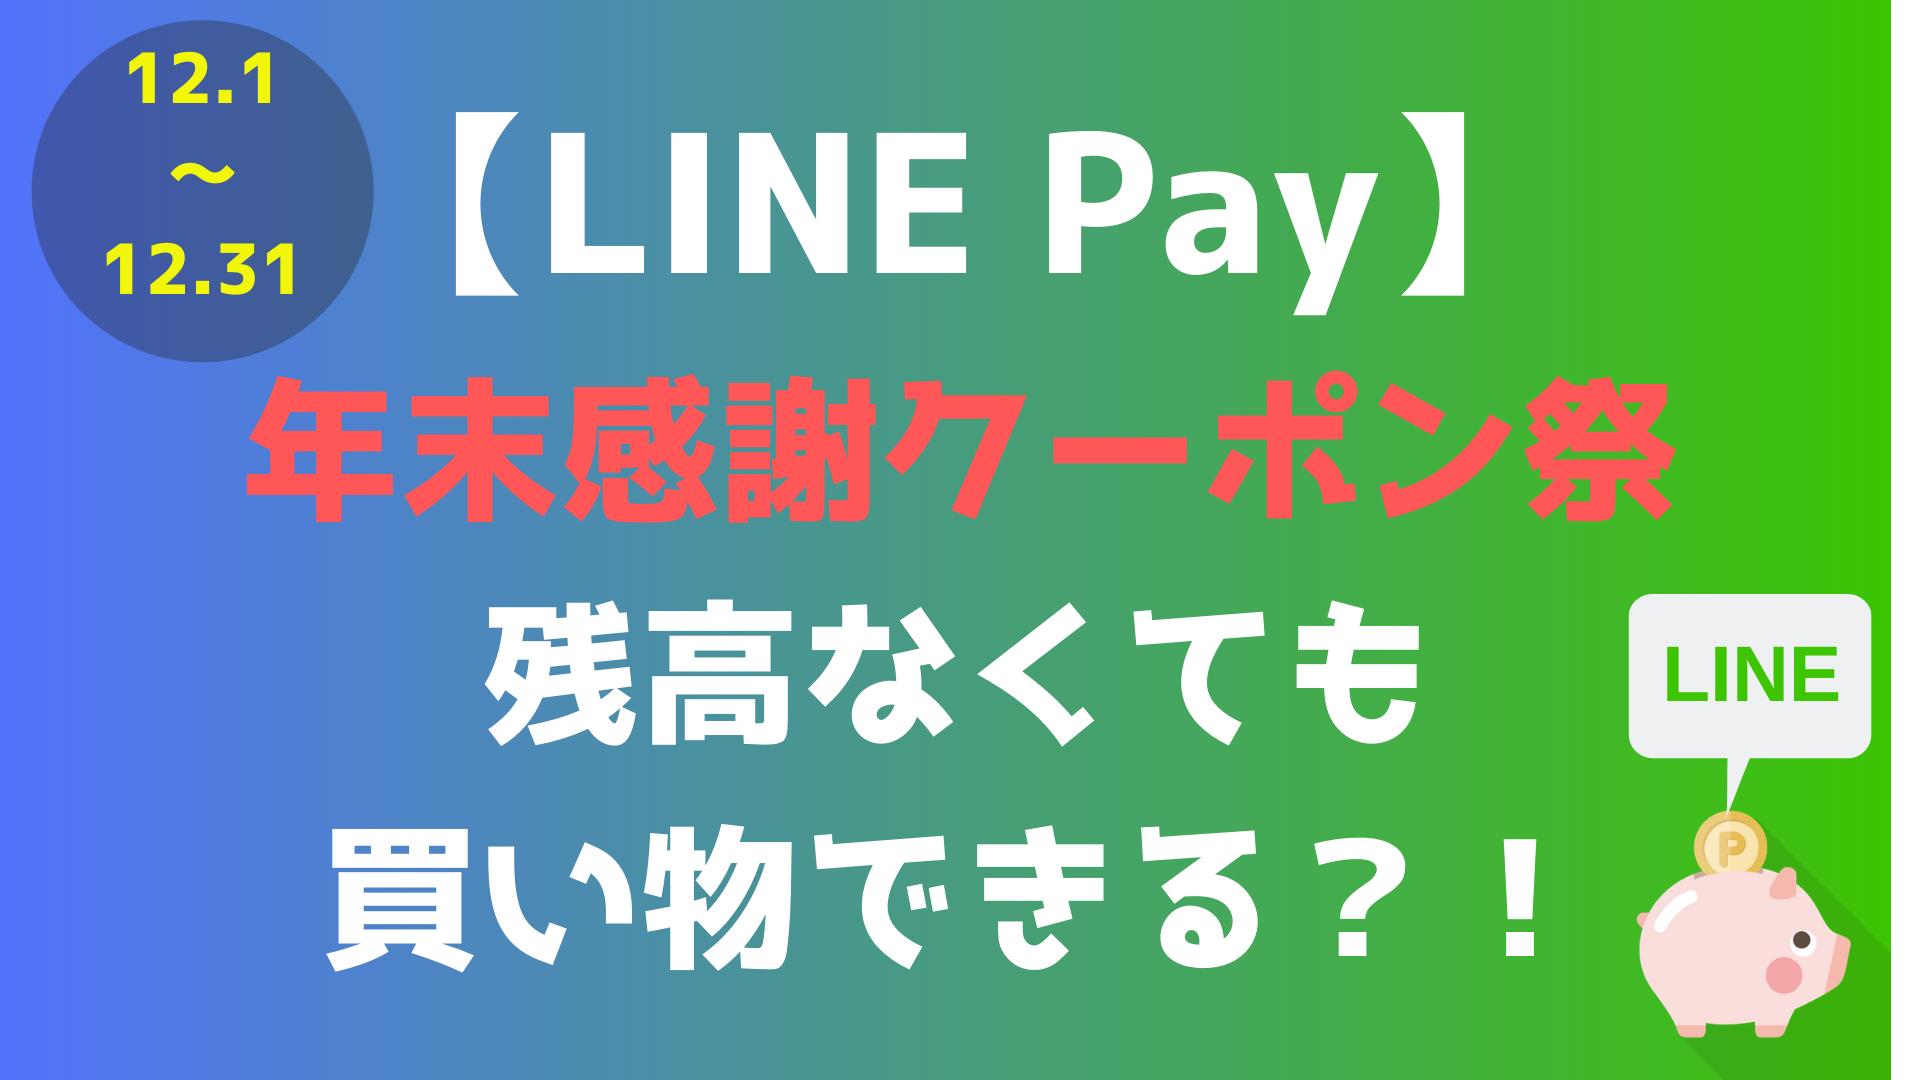 【LINEPay】 年末感謝クーポン祭 残高なくても買い物できる?!